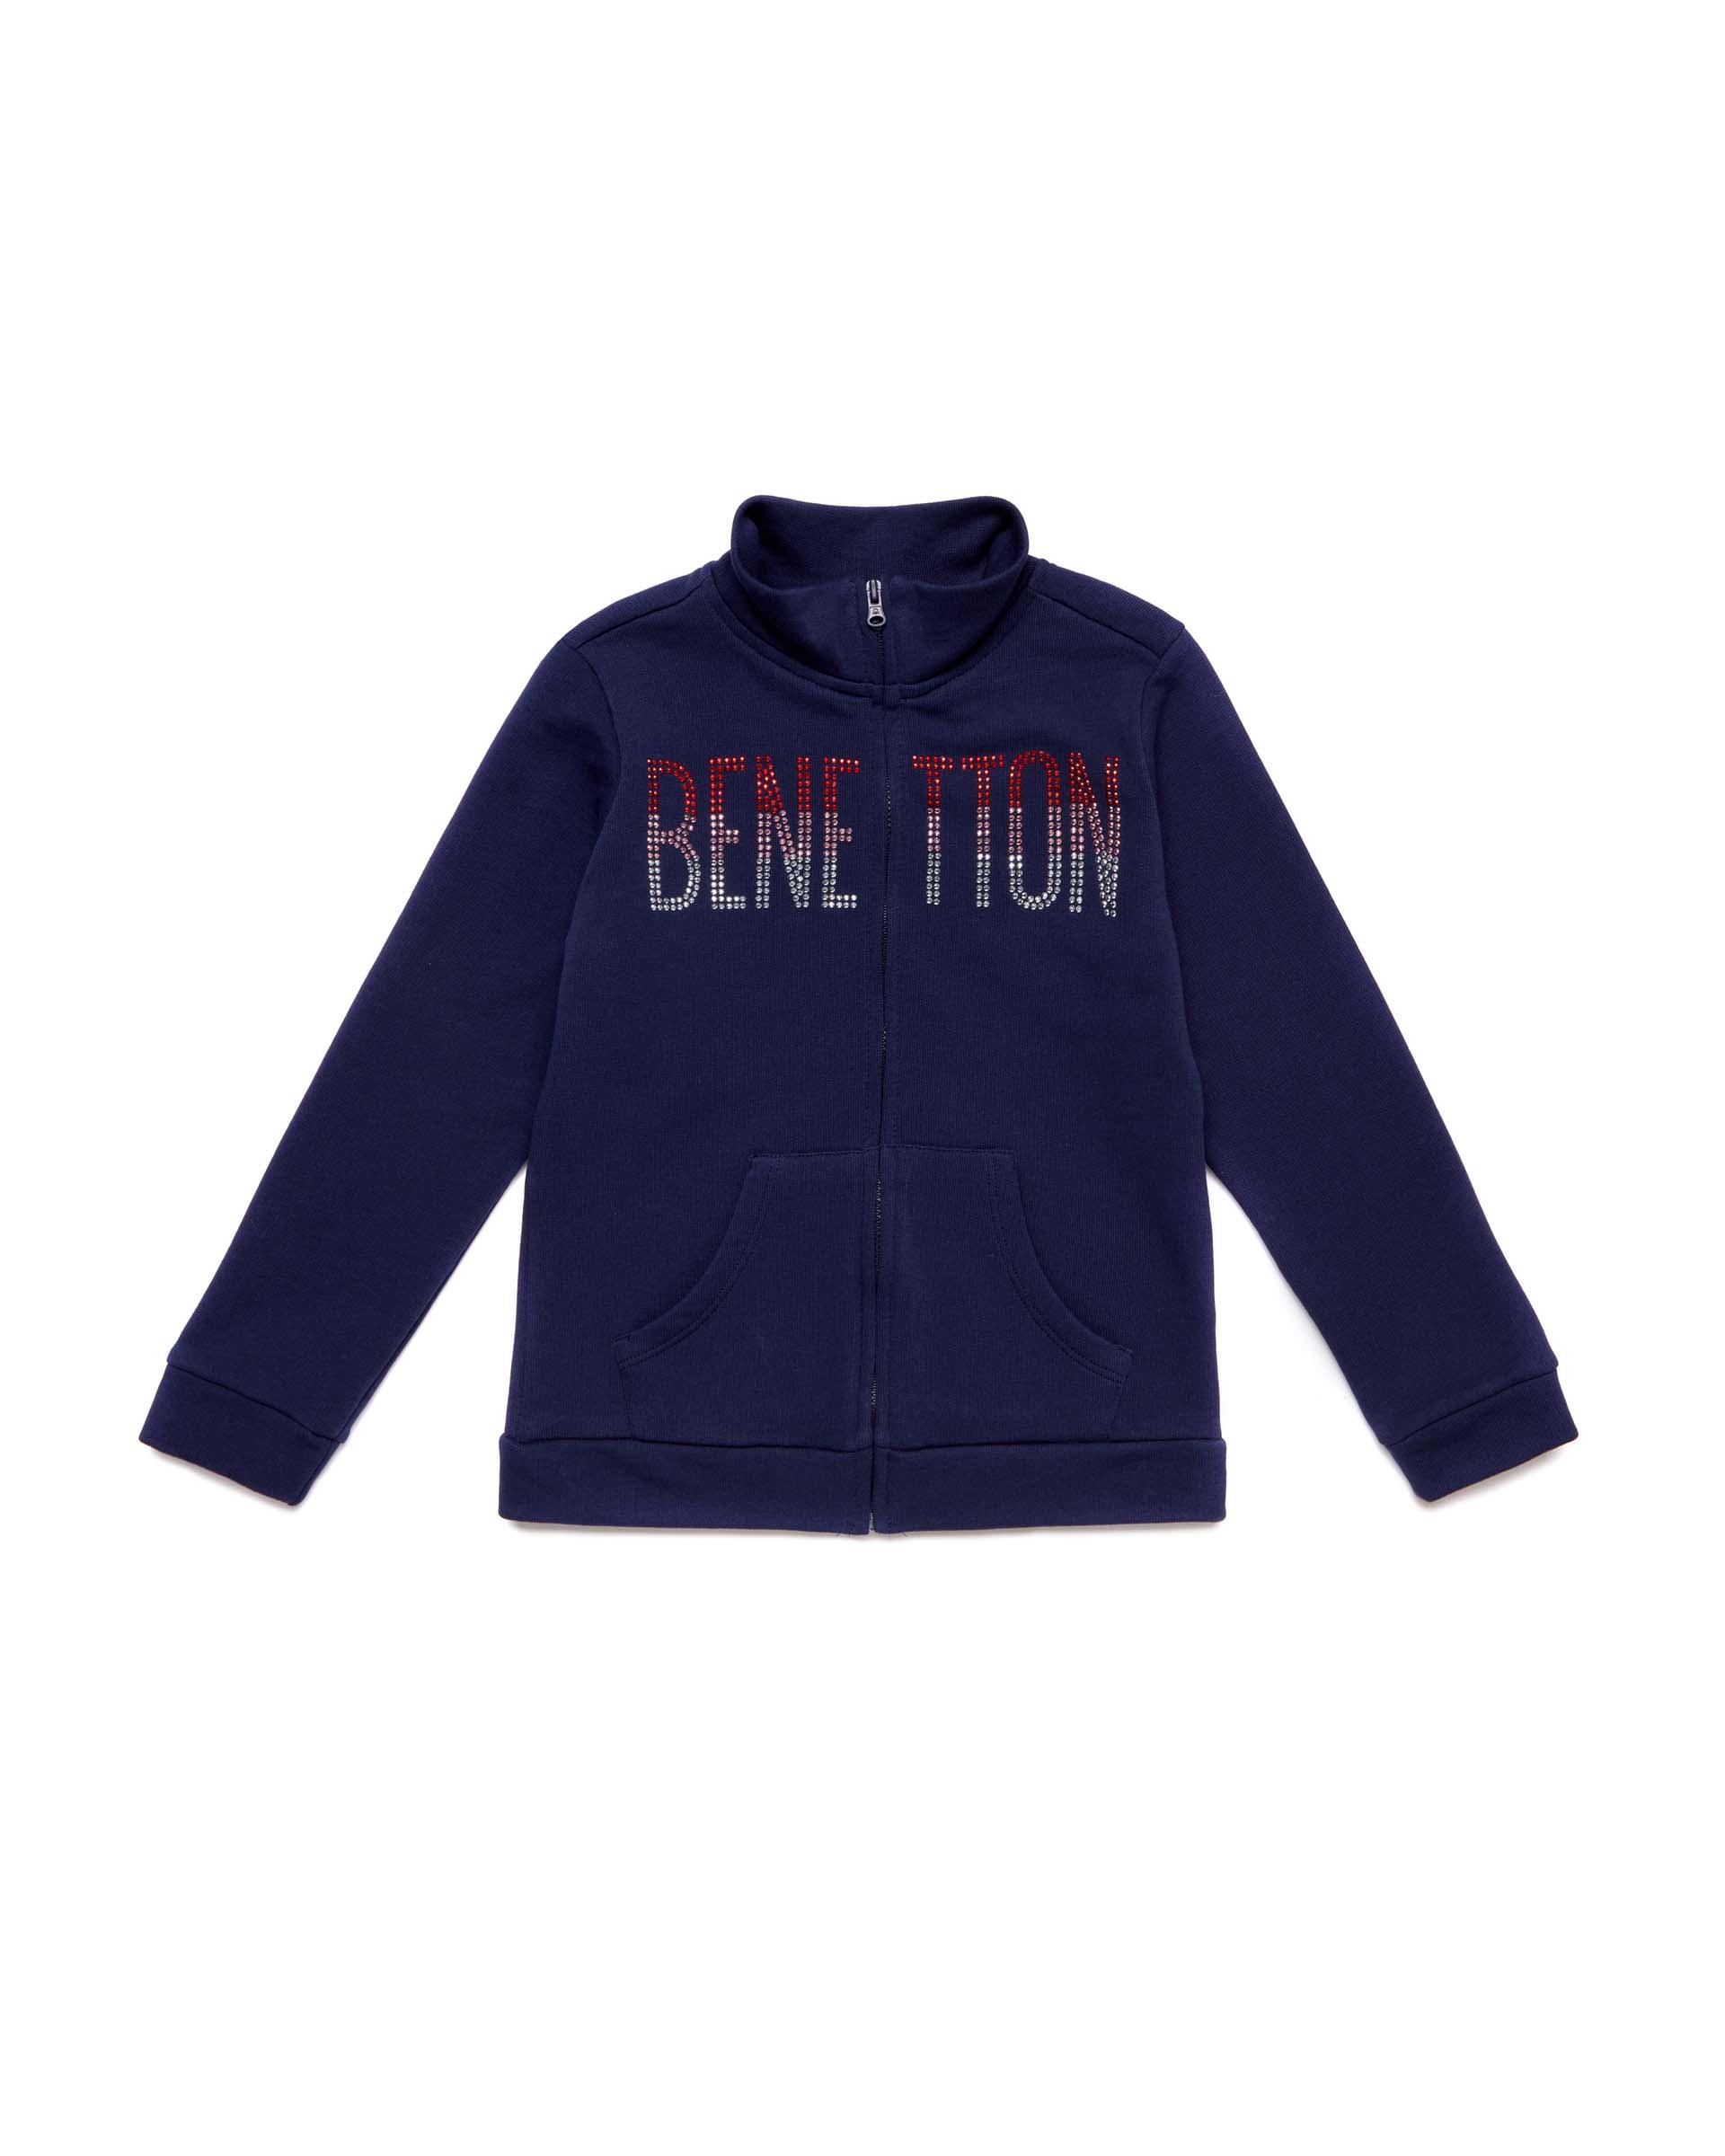 Купить 20P_3J68C5793_252, Толстовка для девочек Benetton 3J68C5793_252 р-р 110, United Colors of Benetton, Толстовки для девочек